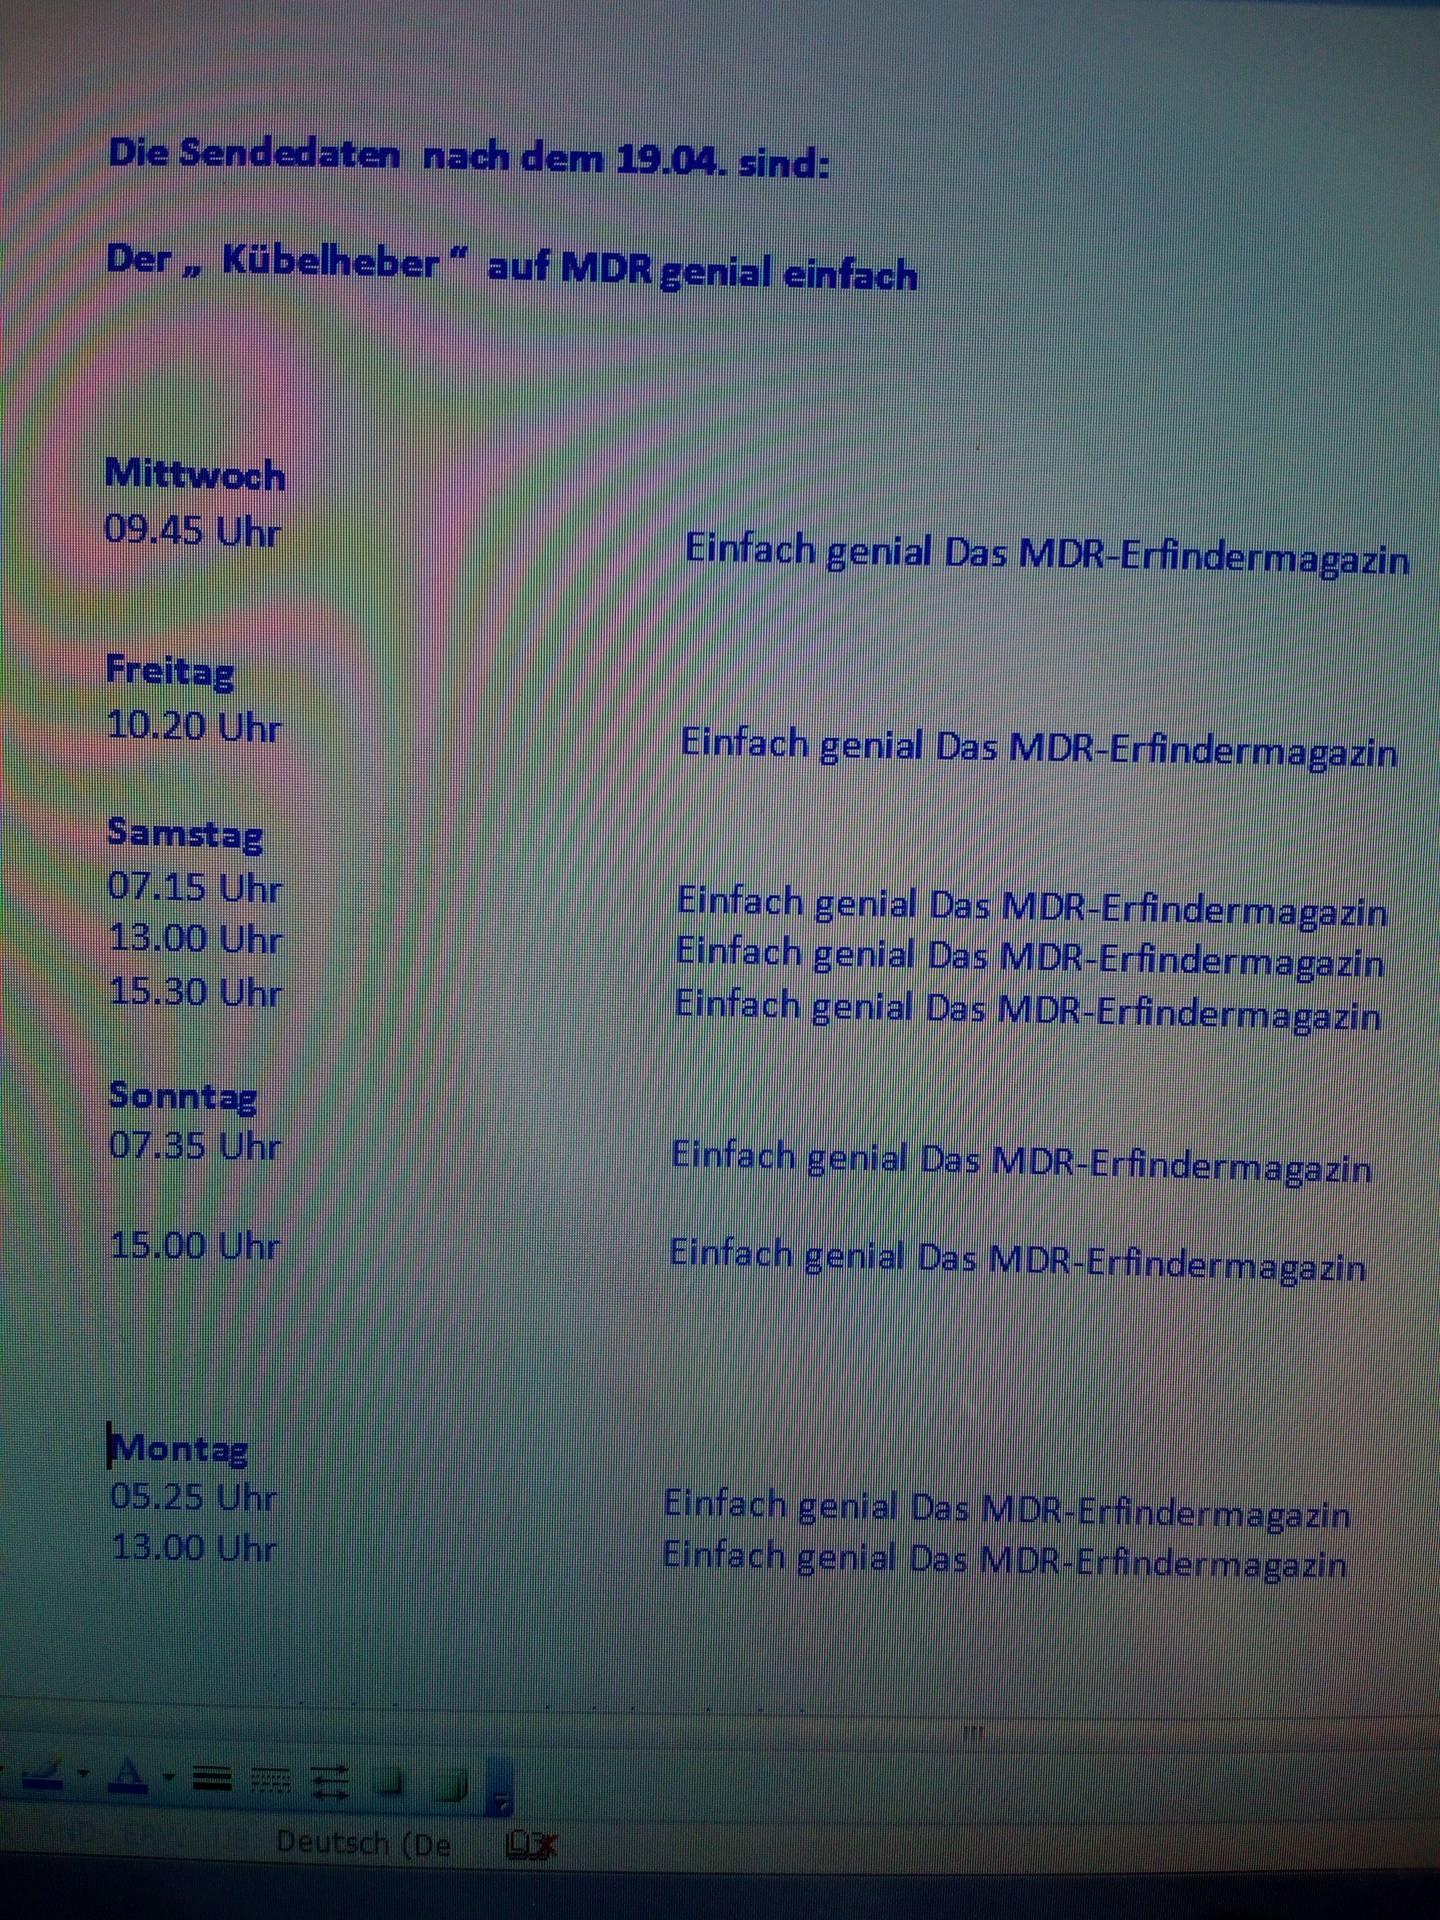 Kübelheber-TV-Vorstellung - Ferdl Zöls